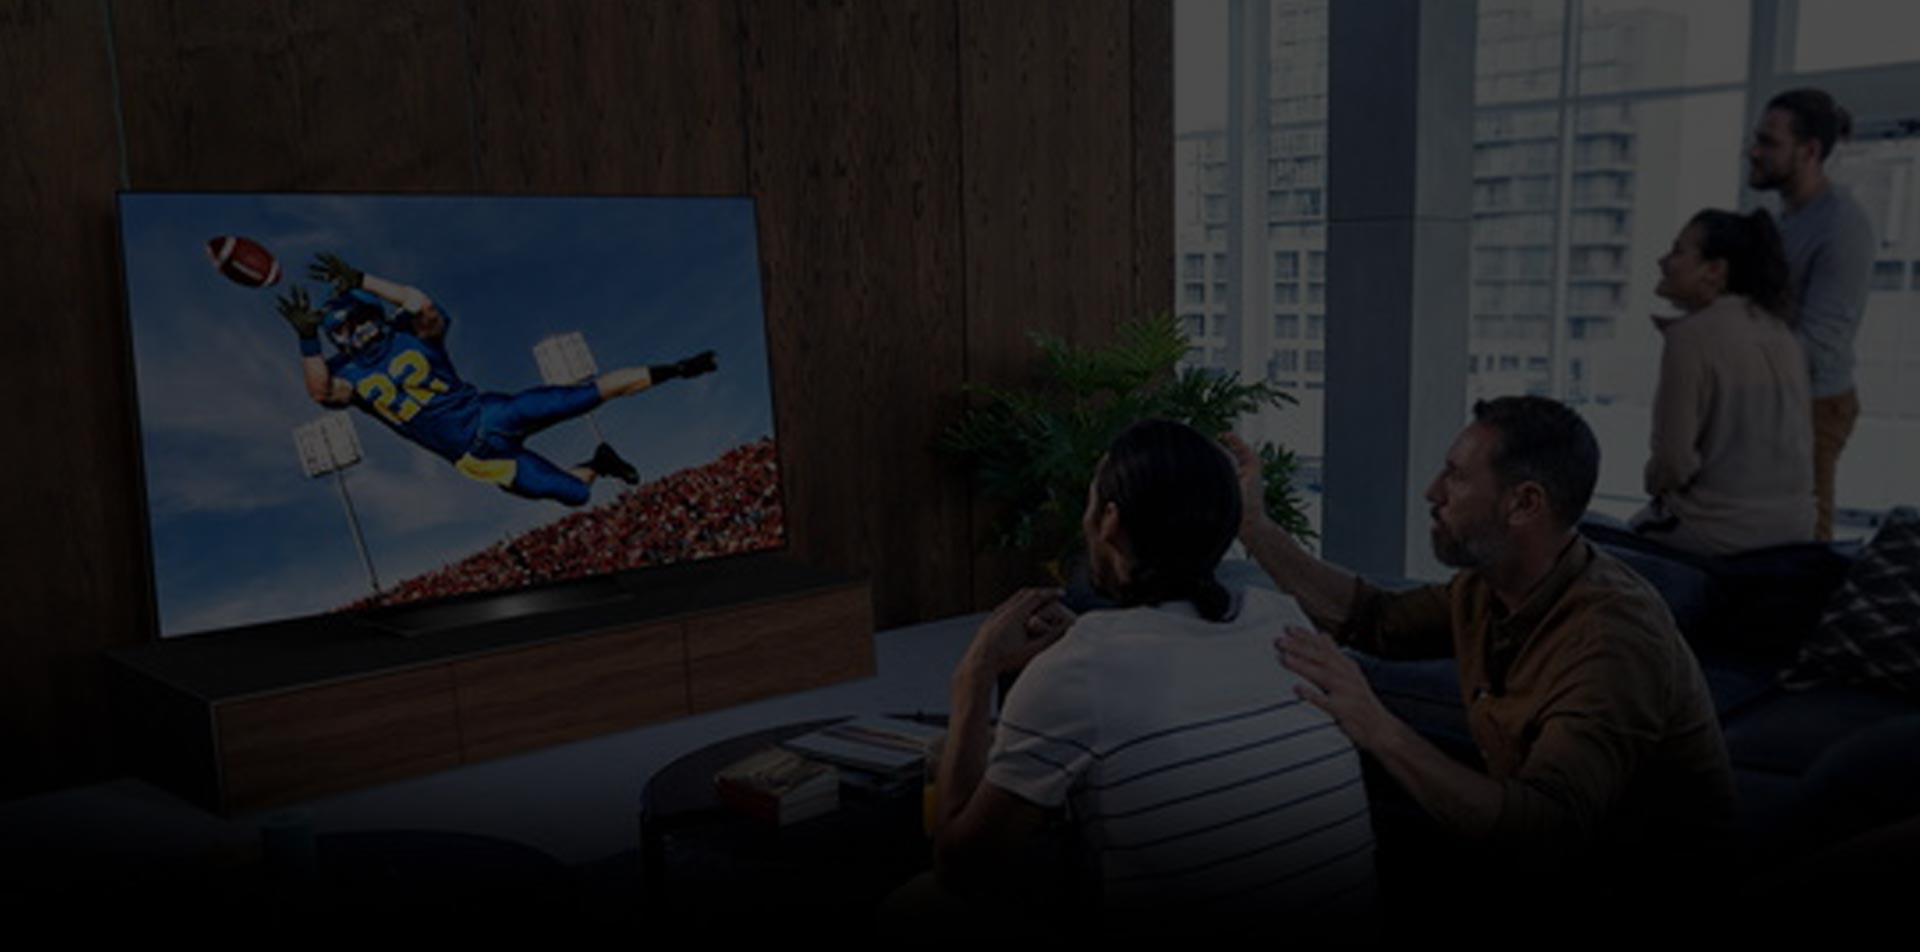 تعمیر تلویزیون ال سی دی پاناسونیک در منزل